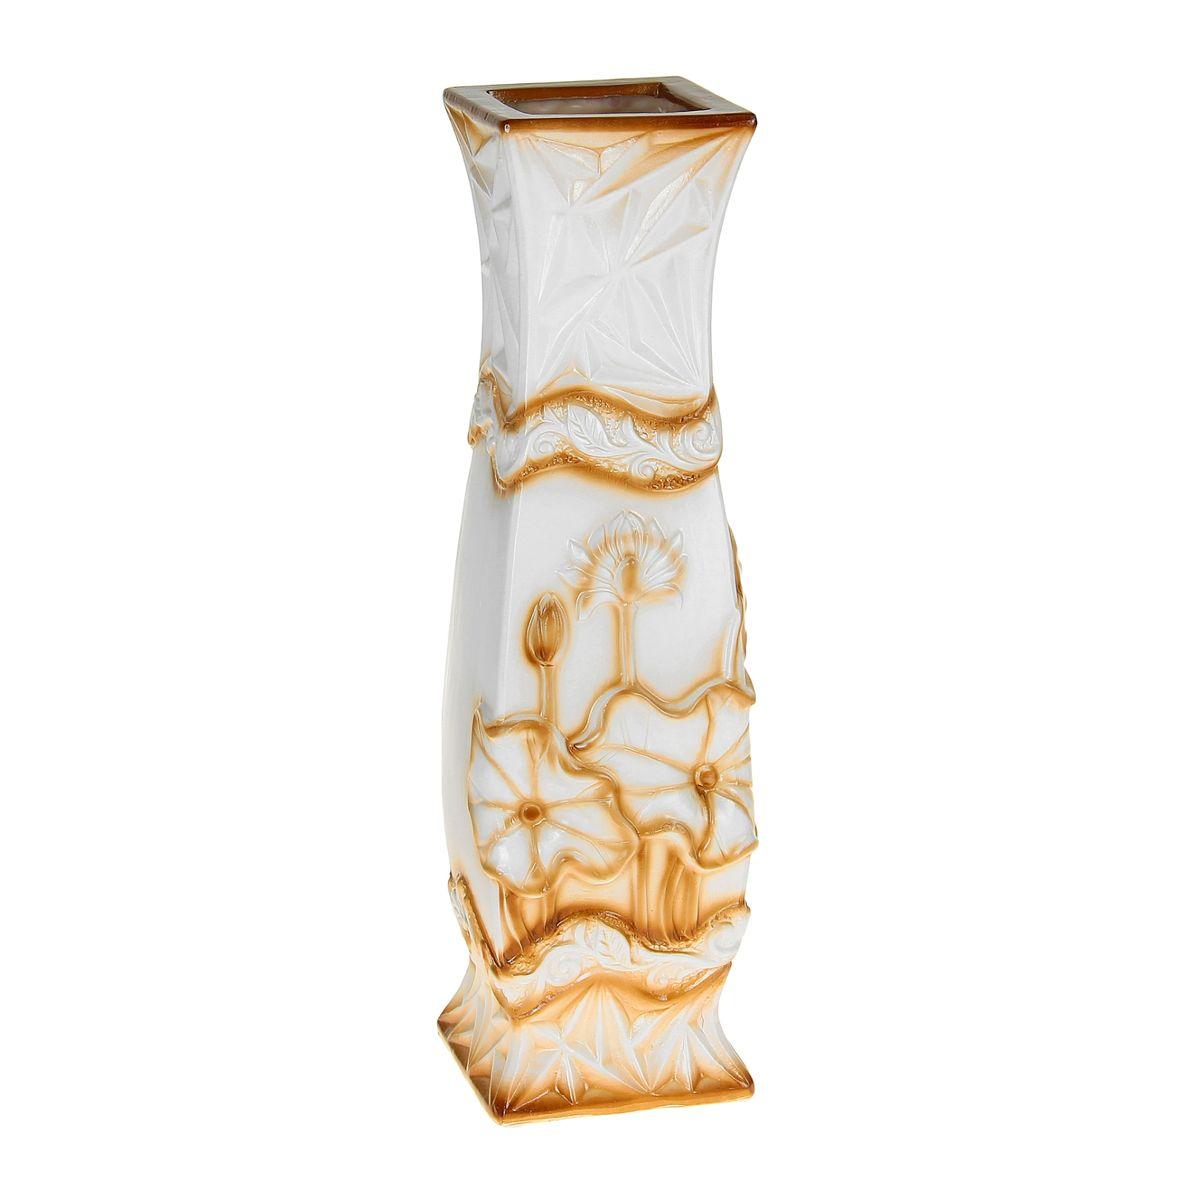 Ваза напольная Sima-land Лотос, высота 60 см1044987Напольная ваза Sima-land Лотос, выполненная из керамики, станет изысканным украшением интерьера. Она предназначена как для живых, так и для искусственных цветов. Интересная форма и необычное оформление сделают эту вазу замечательным украшением интерьера. Любое помещение выглядит незавершенным без правильно расположенных предметов интерьера. Они помогают создать уют, расставить акценты, подчеркнуть достоинства или скрыть недостатки.